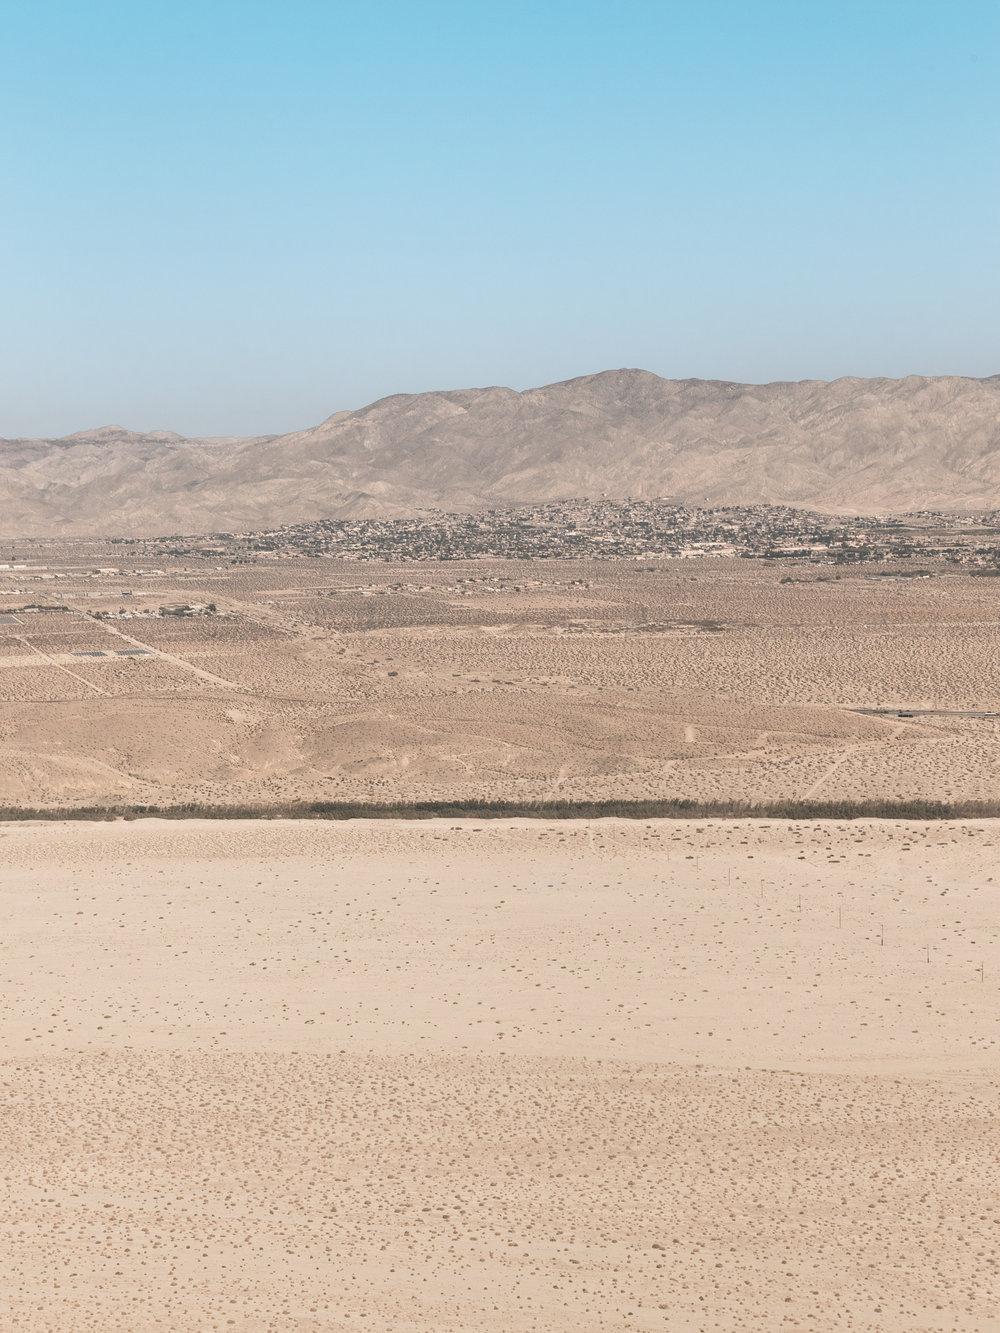 ABE1_IEX_Landscapes_-2crop.jpg